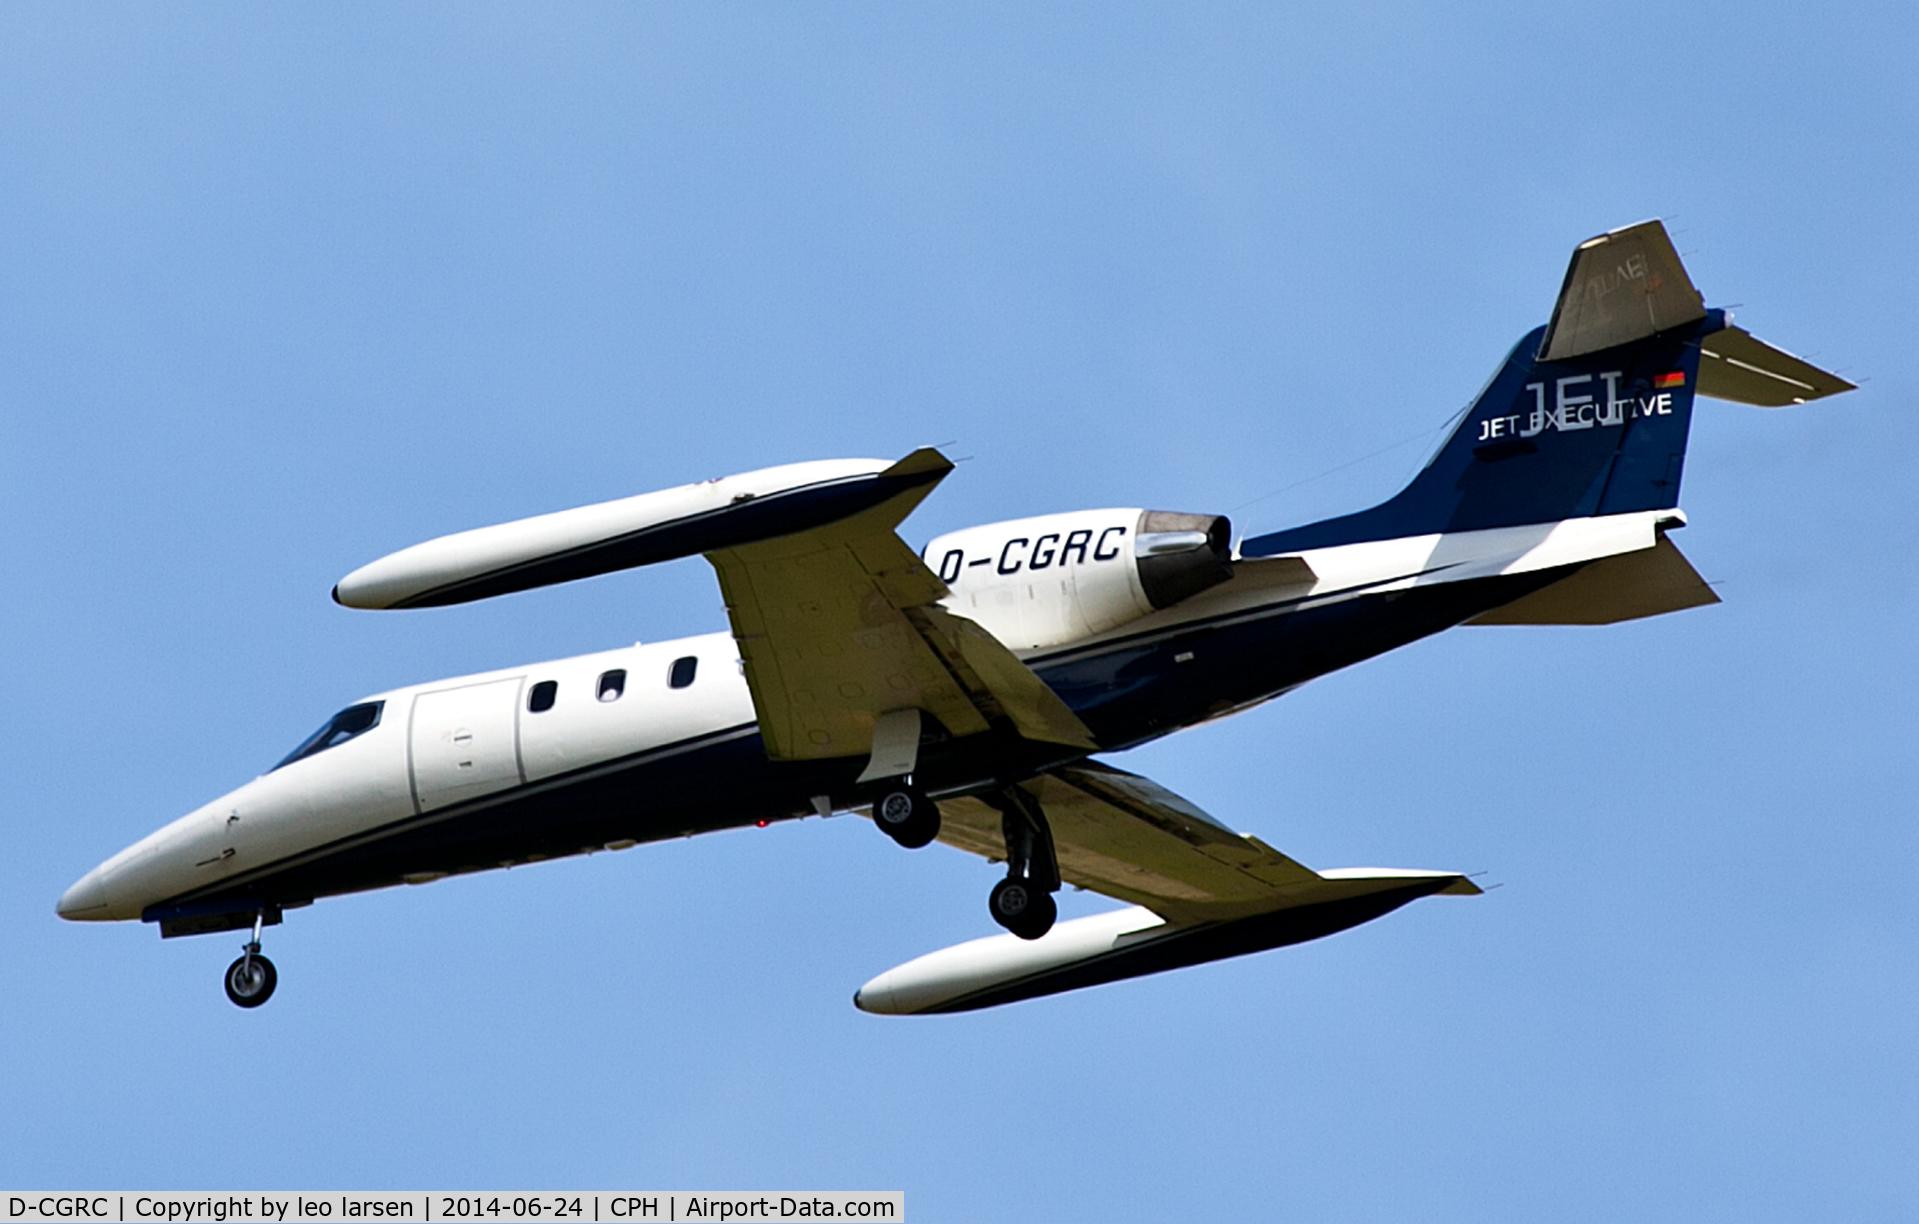 D-CGRC, 1979 Gates Learjet 35A C/N 35-223, Copenhagen 24.6.2014